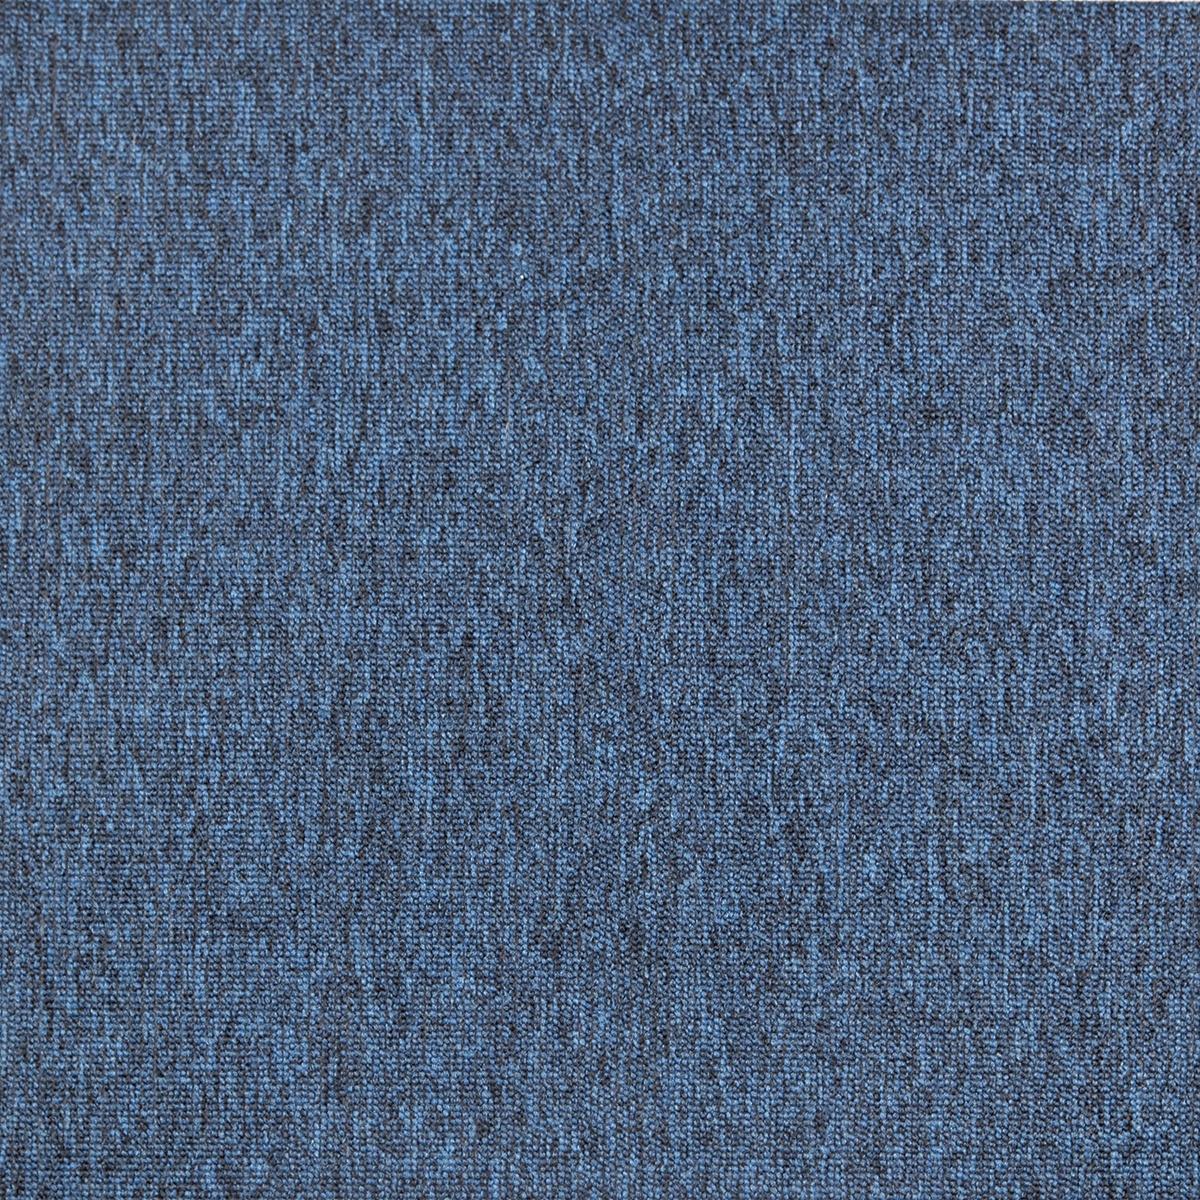 Coun49560